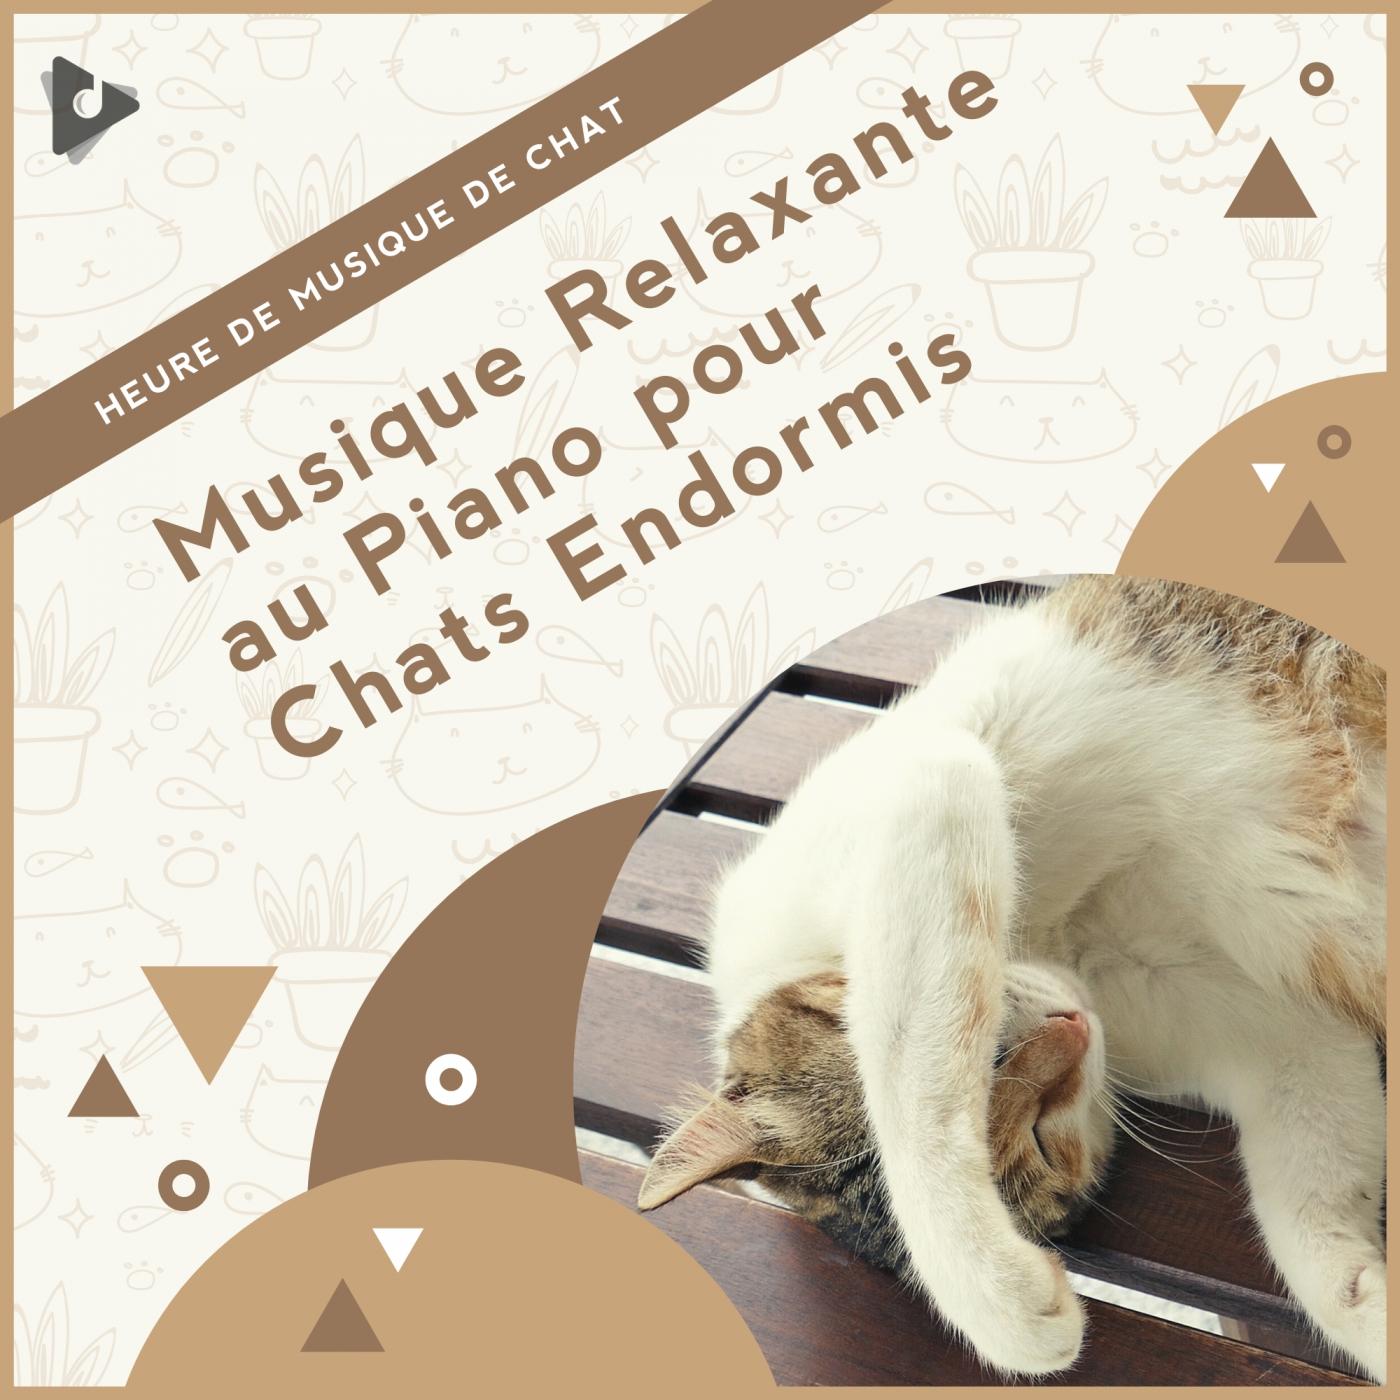 Musique Relaxante au Piano pour Chats Endormis